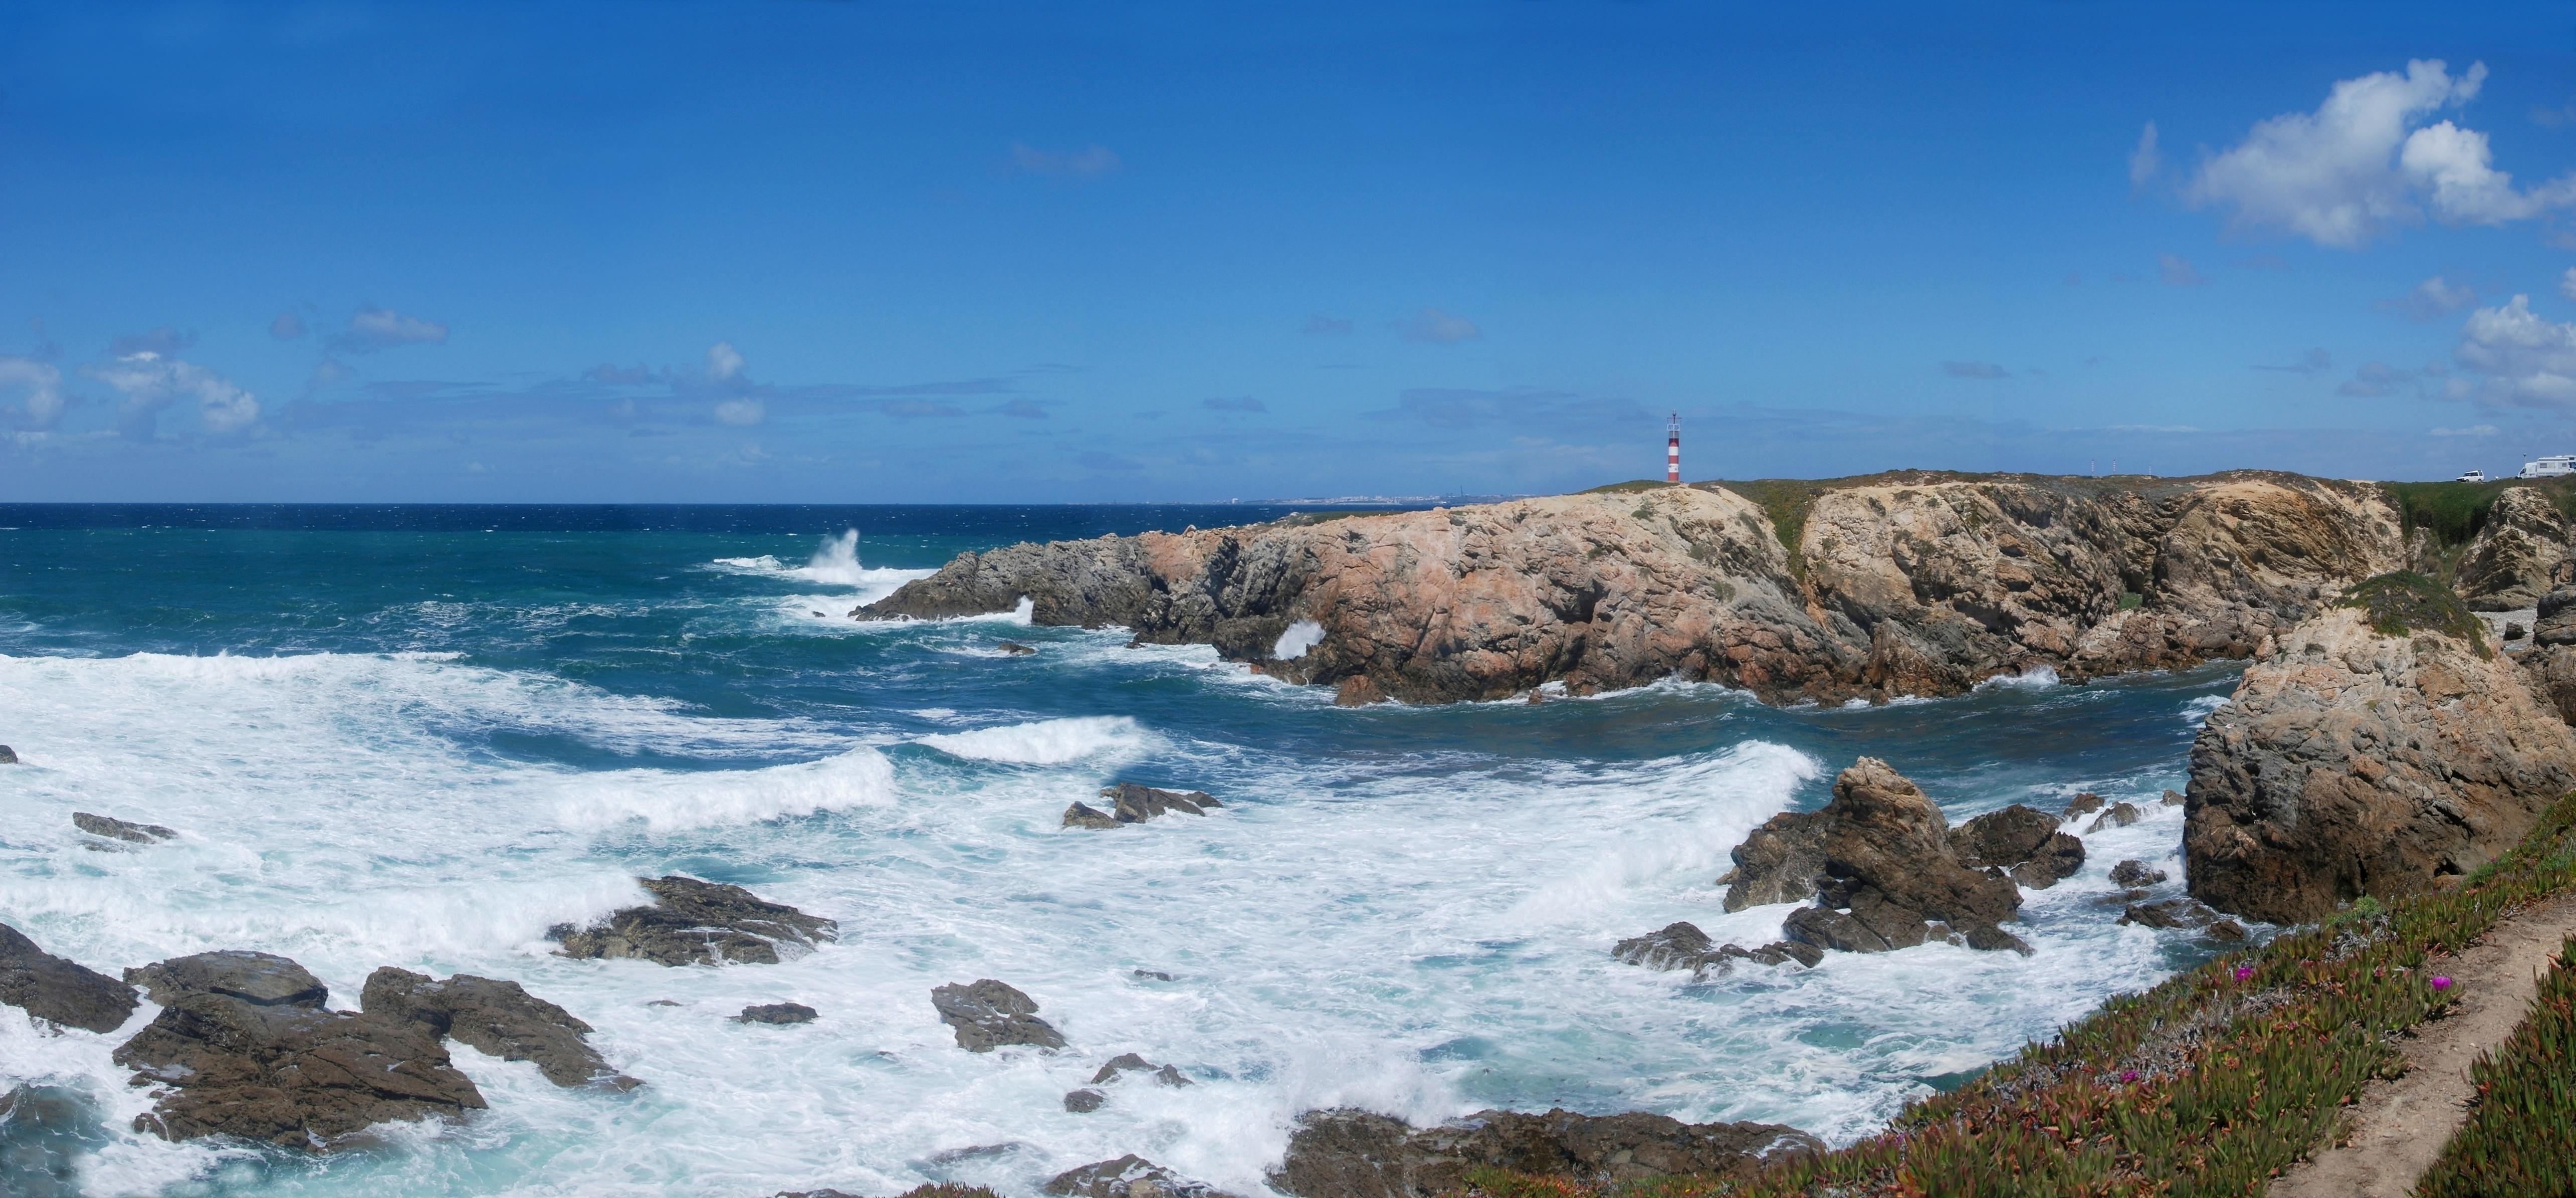 Coastline Backgrounds, Compatible - PC, Mobile, Gadgets| 5140x2390 px